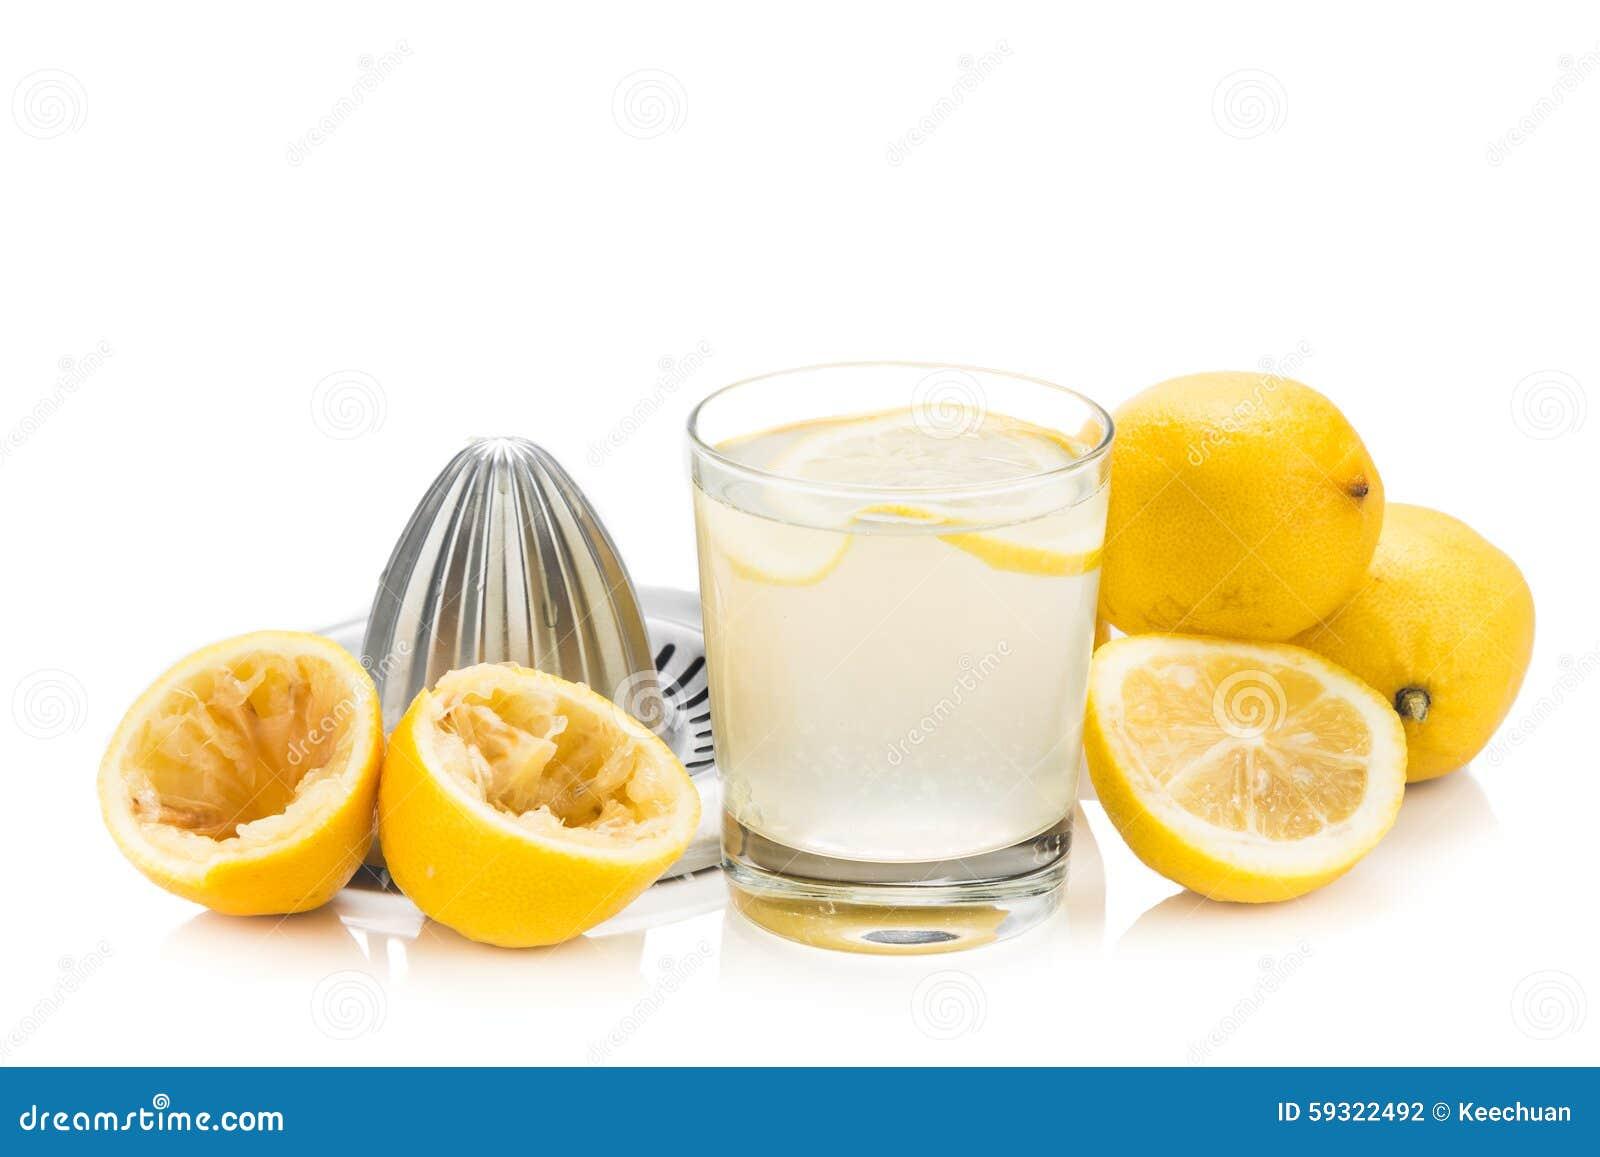 Nytt sammanpressad organisk citronjuice med exponeringsglas och pressen